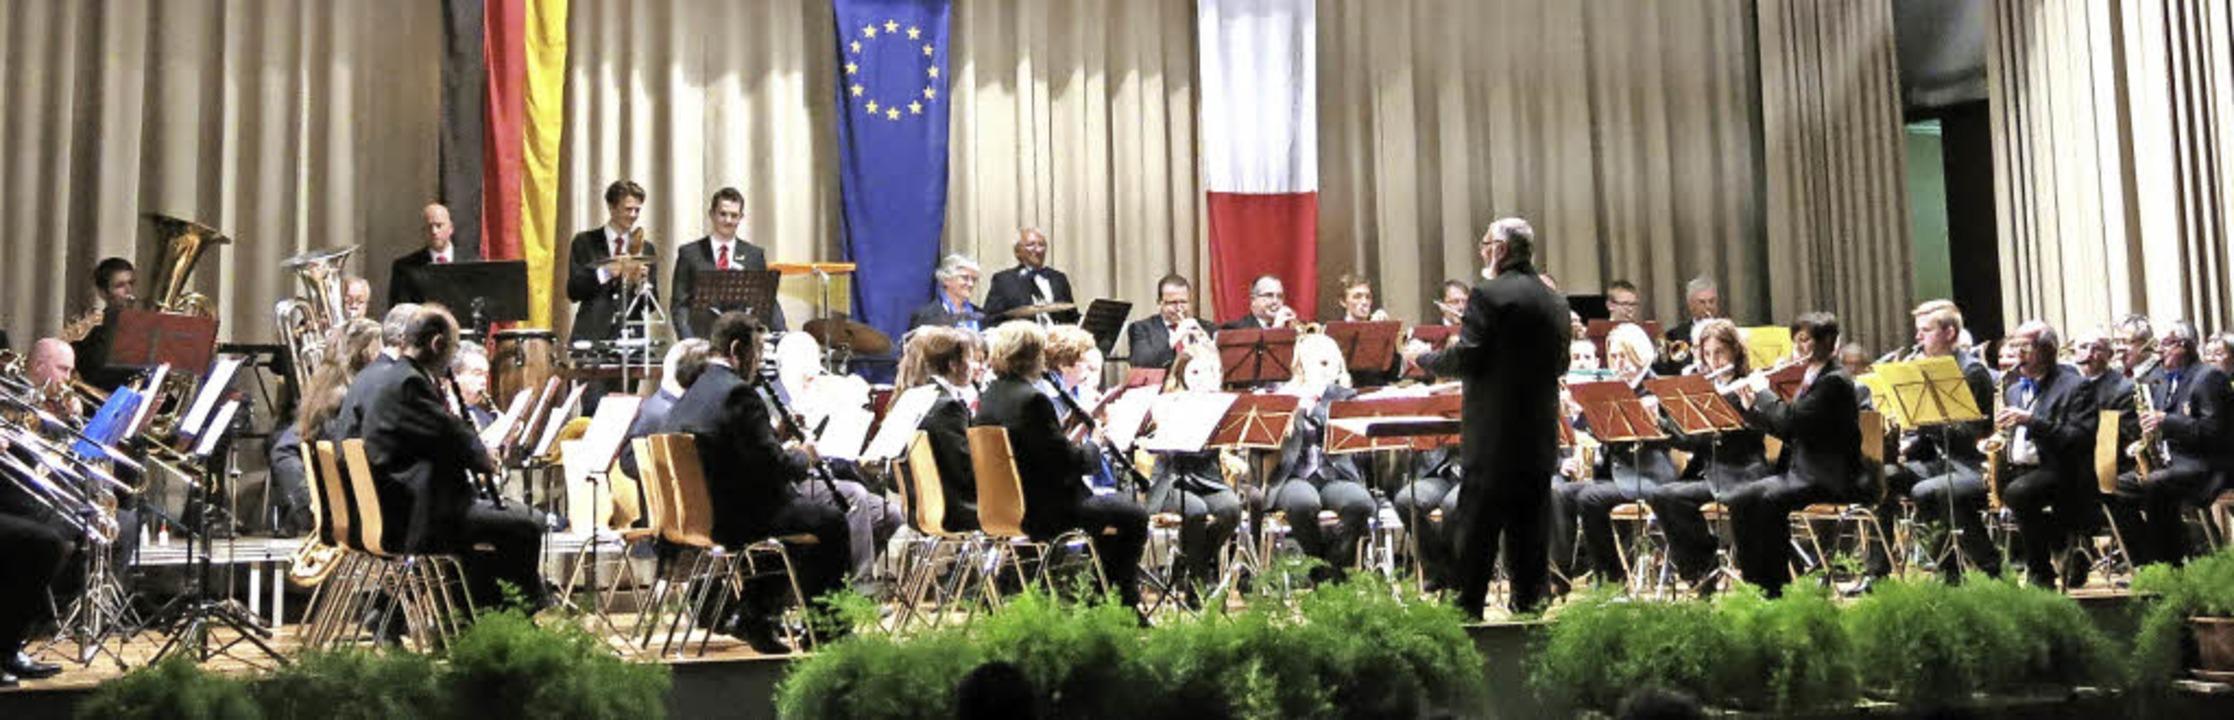 Zusammen auf der Bühne: La Six Fournaise und Stadtmusik Emmendingen    Foto: Georg Voß